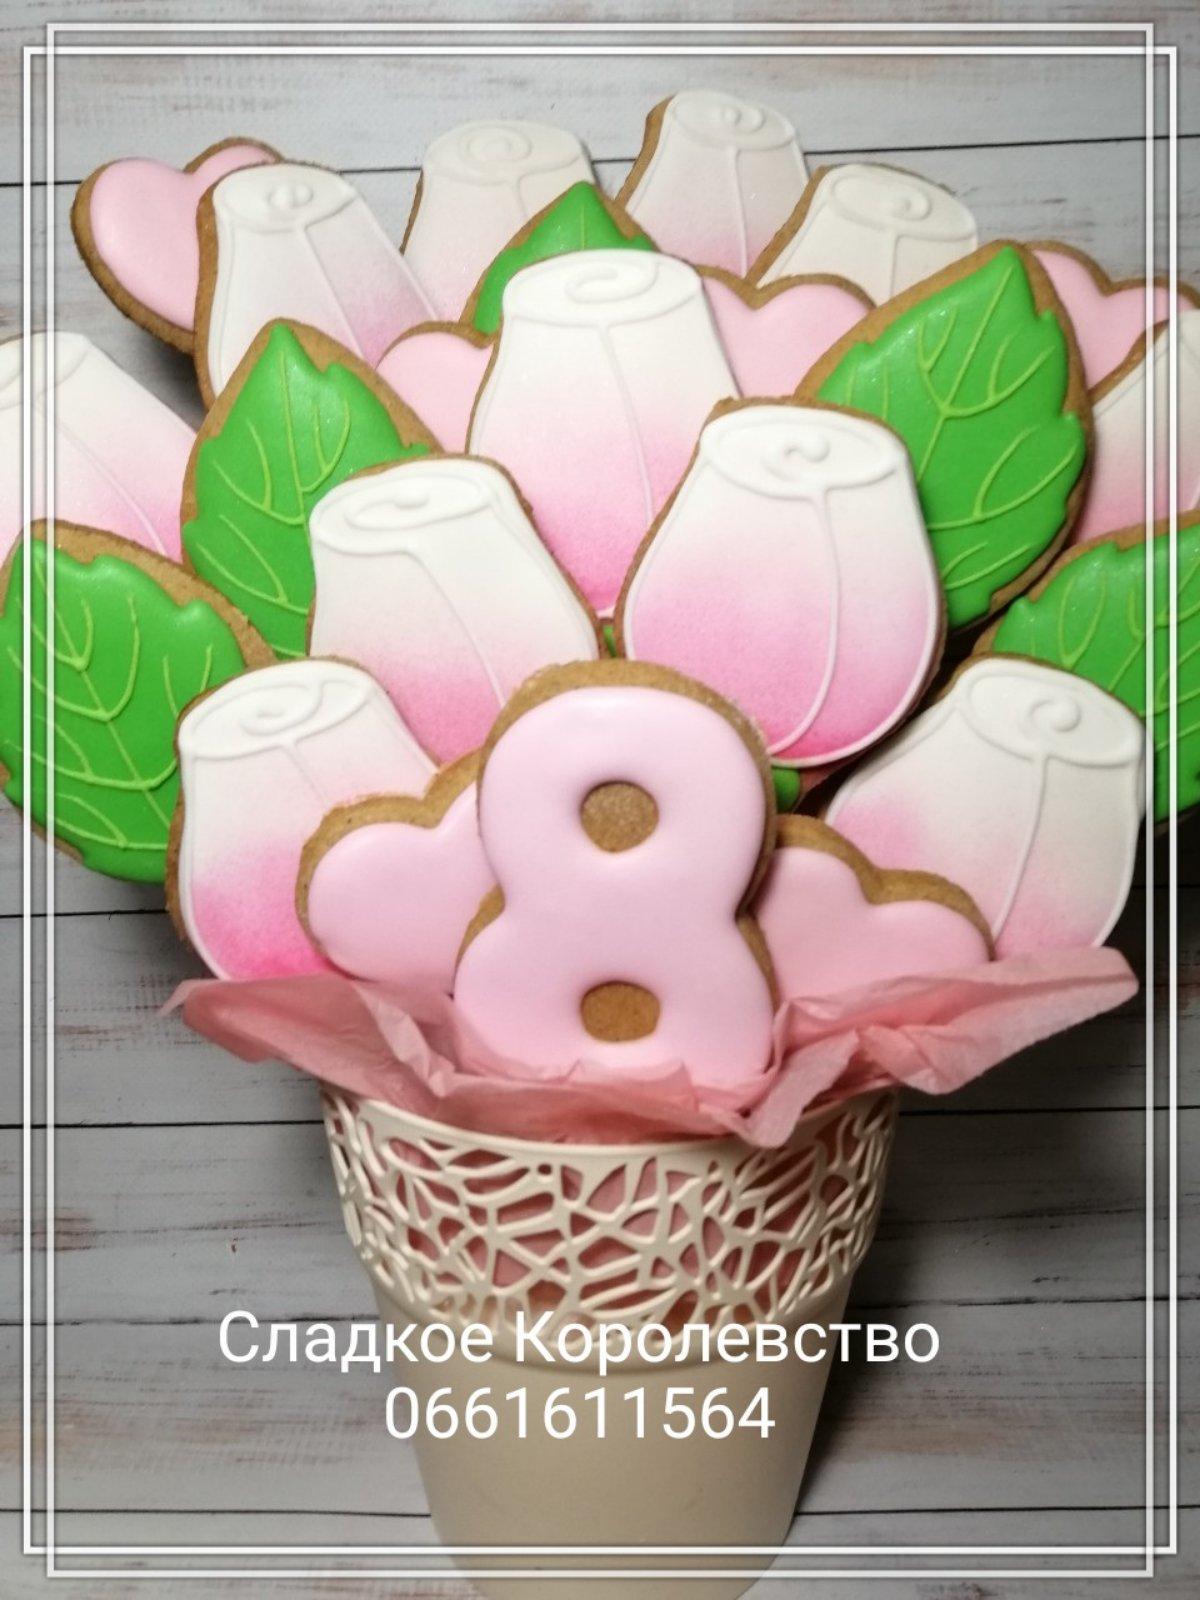 Подборка подарков на 8 марта от сайта 06153.сom.ua, фото-163